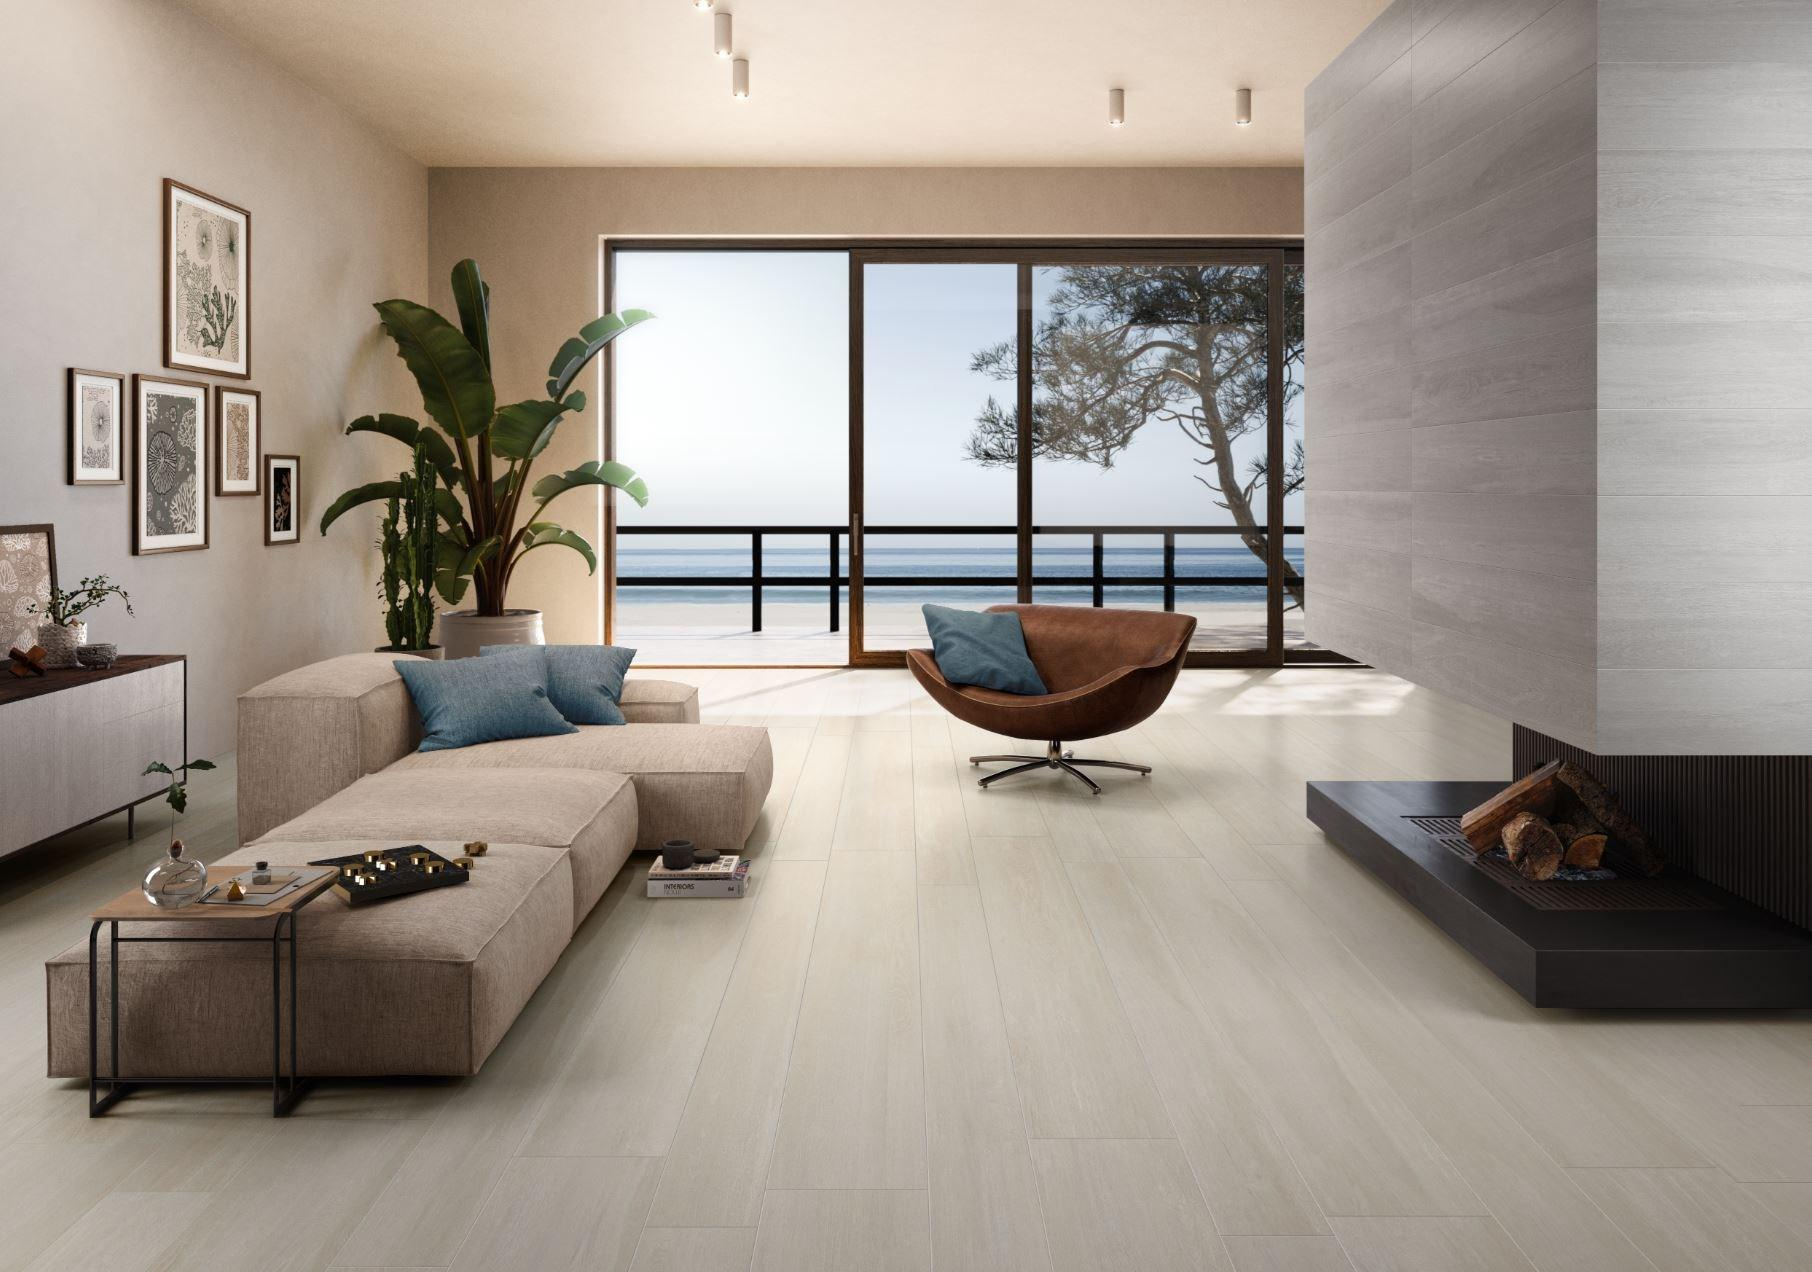 Mattonelle Simili Al Parquet casalgrande padana planks pavimento in gres porcellanato